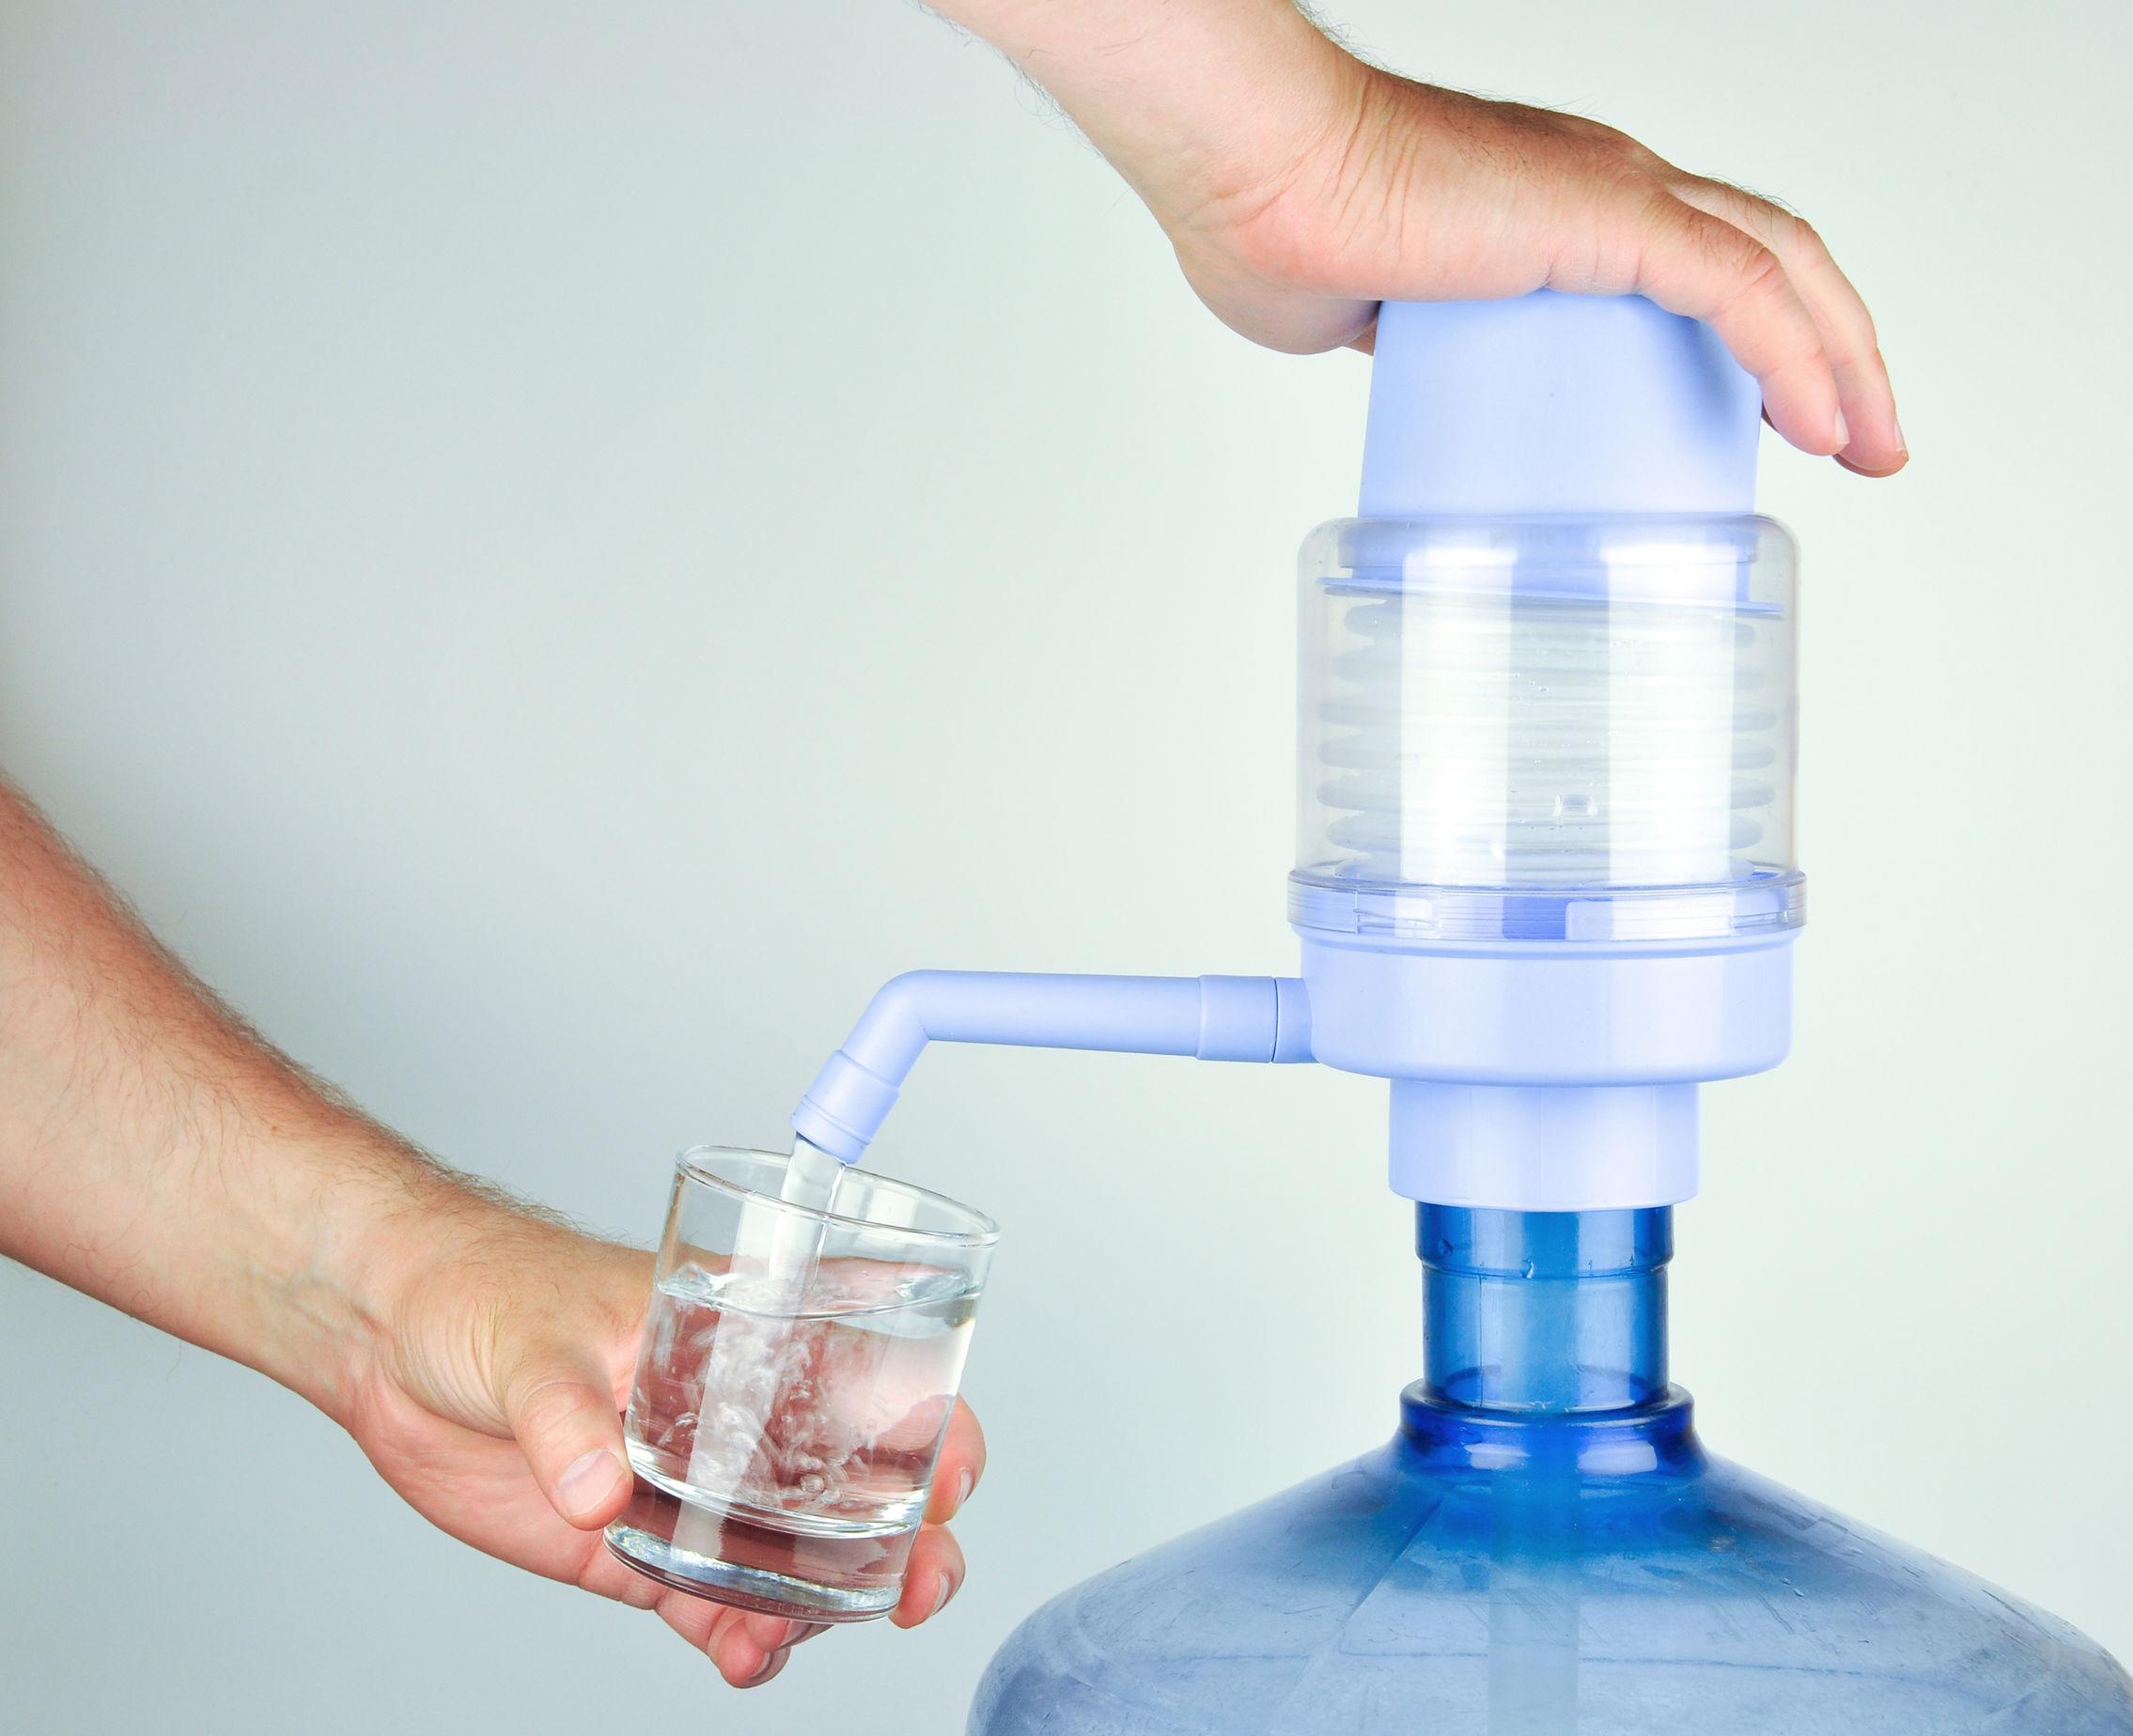 Imagem mostra uma pessoa usando uma bomba de água para galão manual.